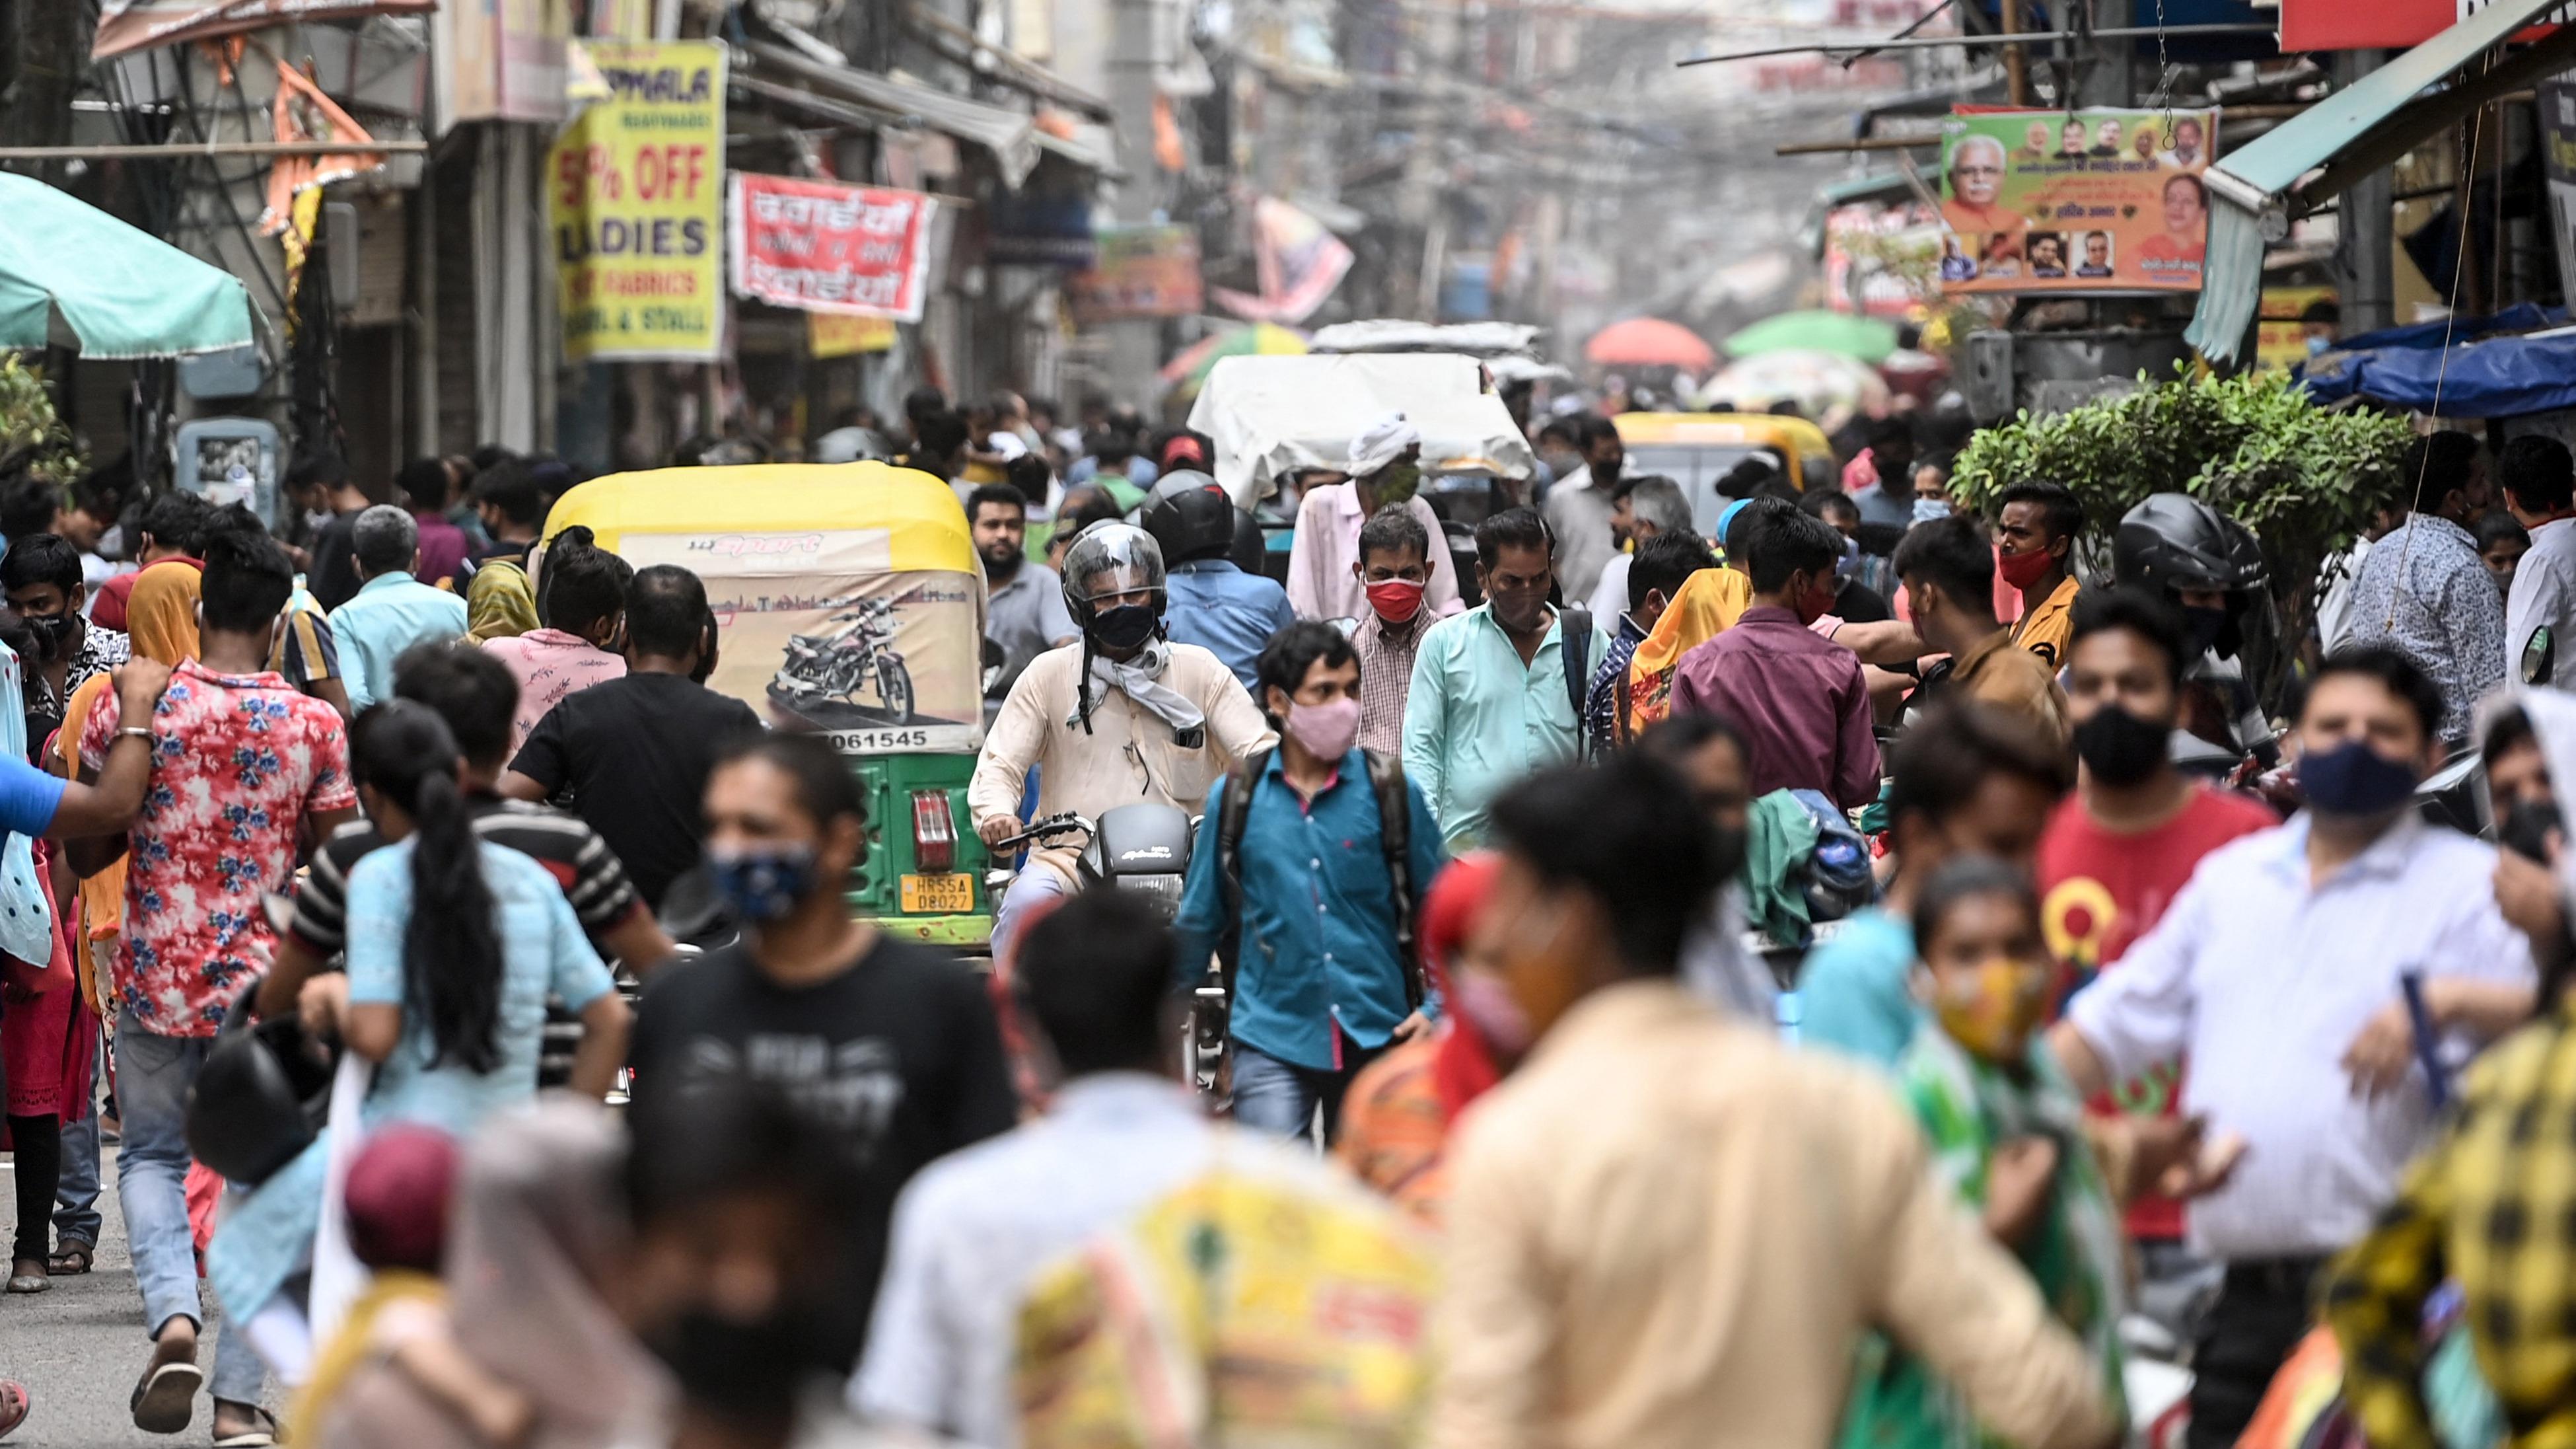 La gente compra en un mercado después de que el gobierno alivió las restricciones a medida que disminuyó el número de nuevas infecciones por coronavirus Covid-19, en Gurgaon (India).